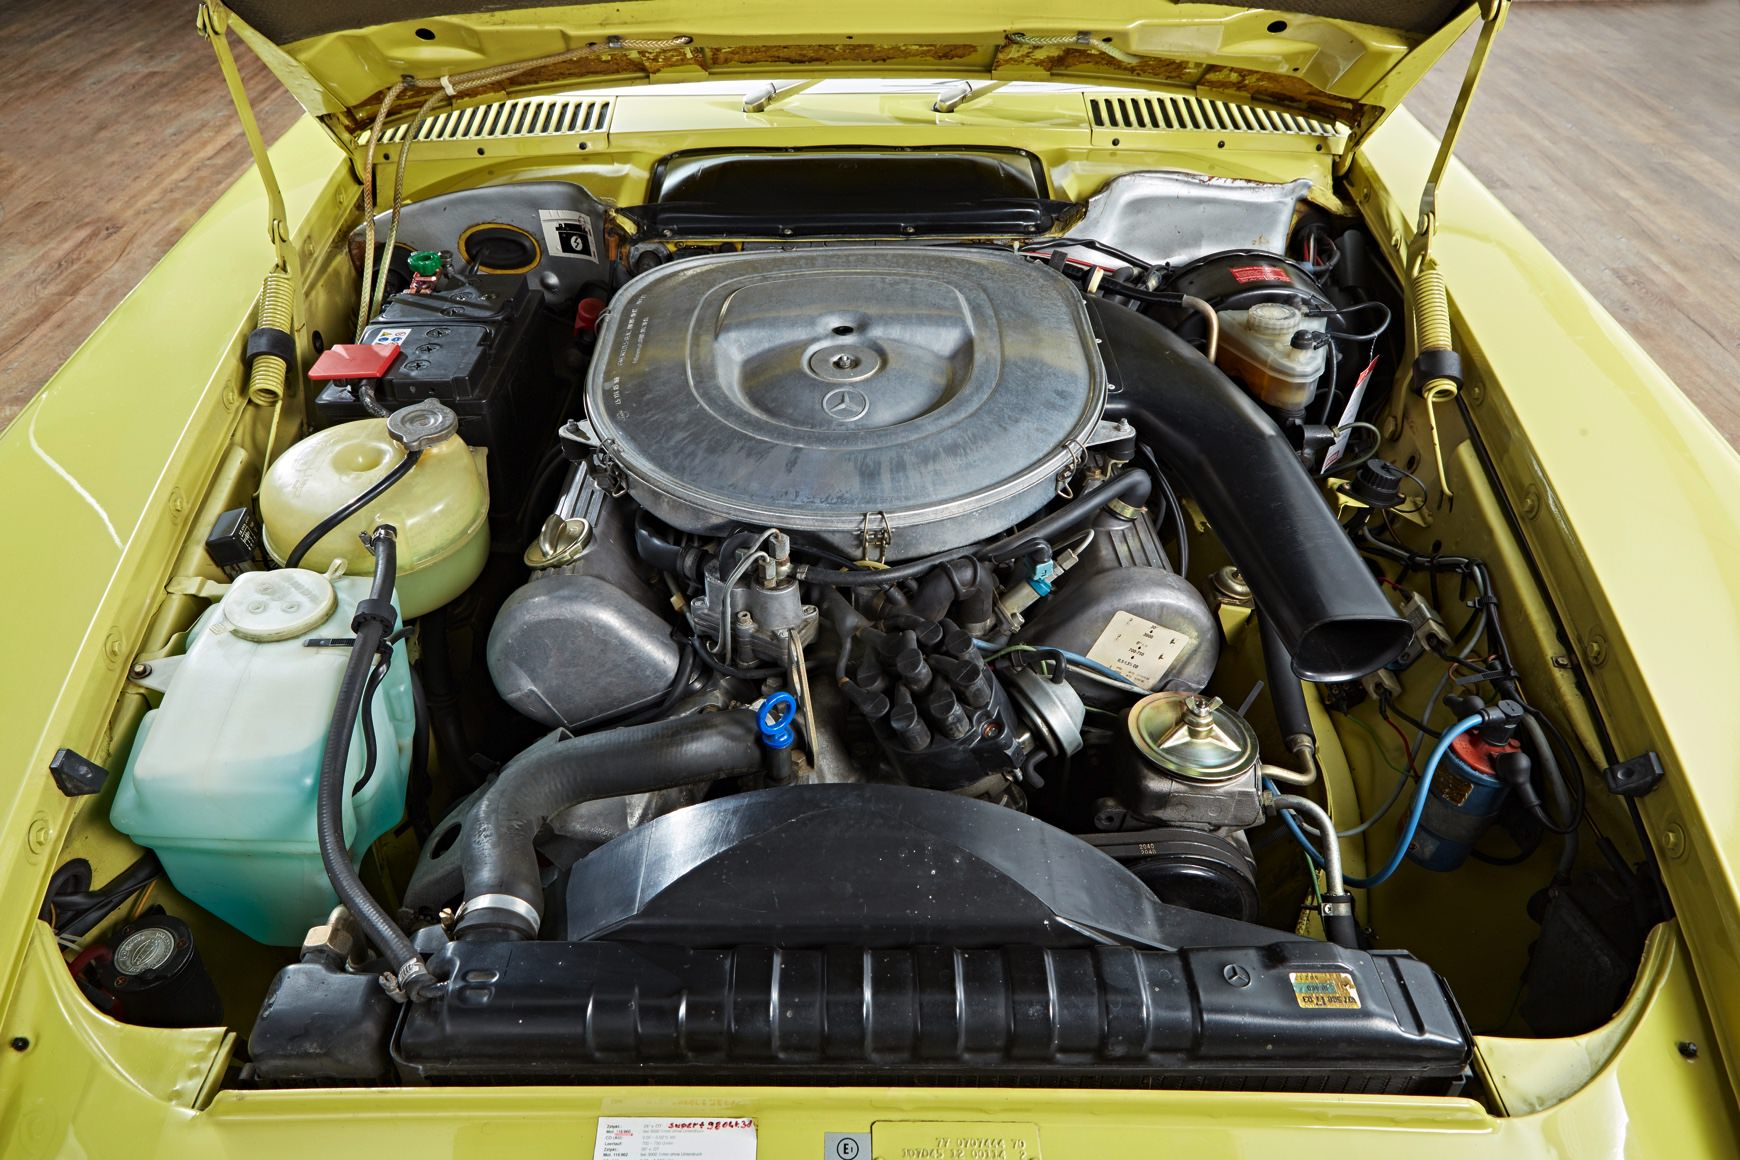 Esb together with Mercedes Benz Sprinter together with Strasser Fahrzeuge Details moreover Porsche Weiss in addition Mercedesbenz Pullman. on 1993 mercedes benz sl 190